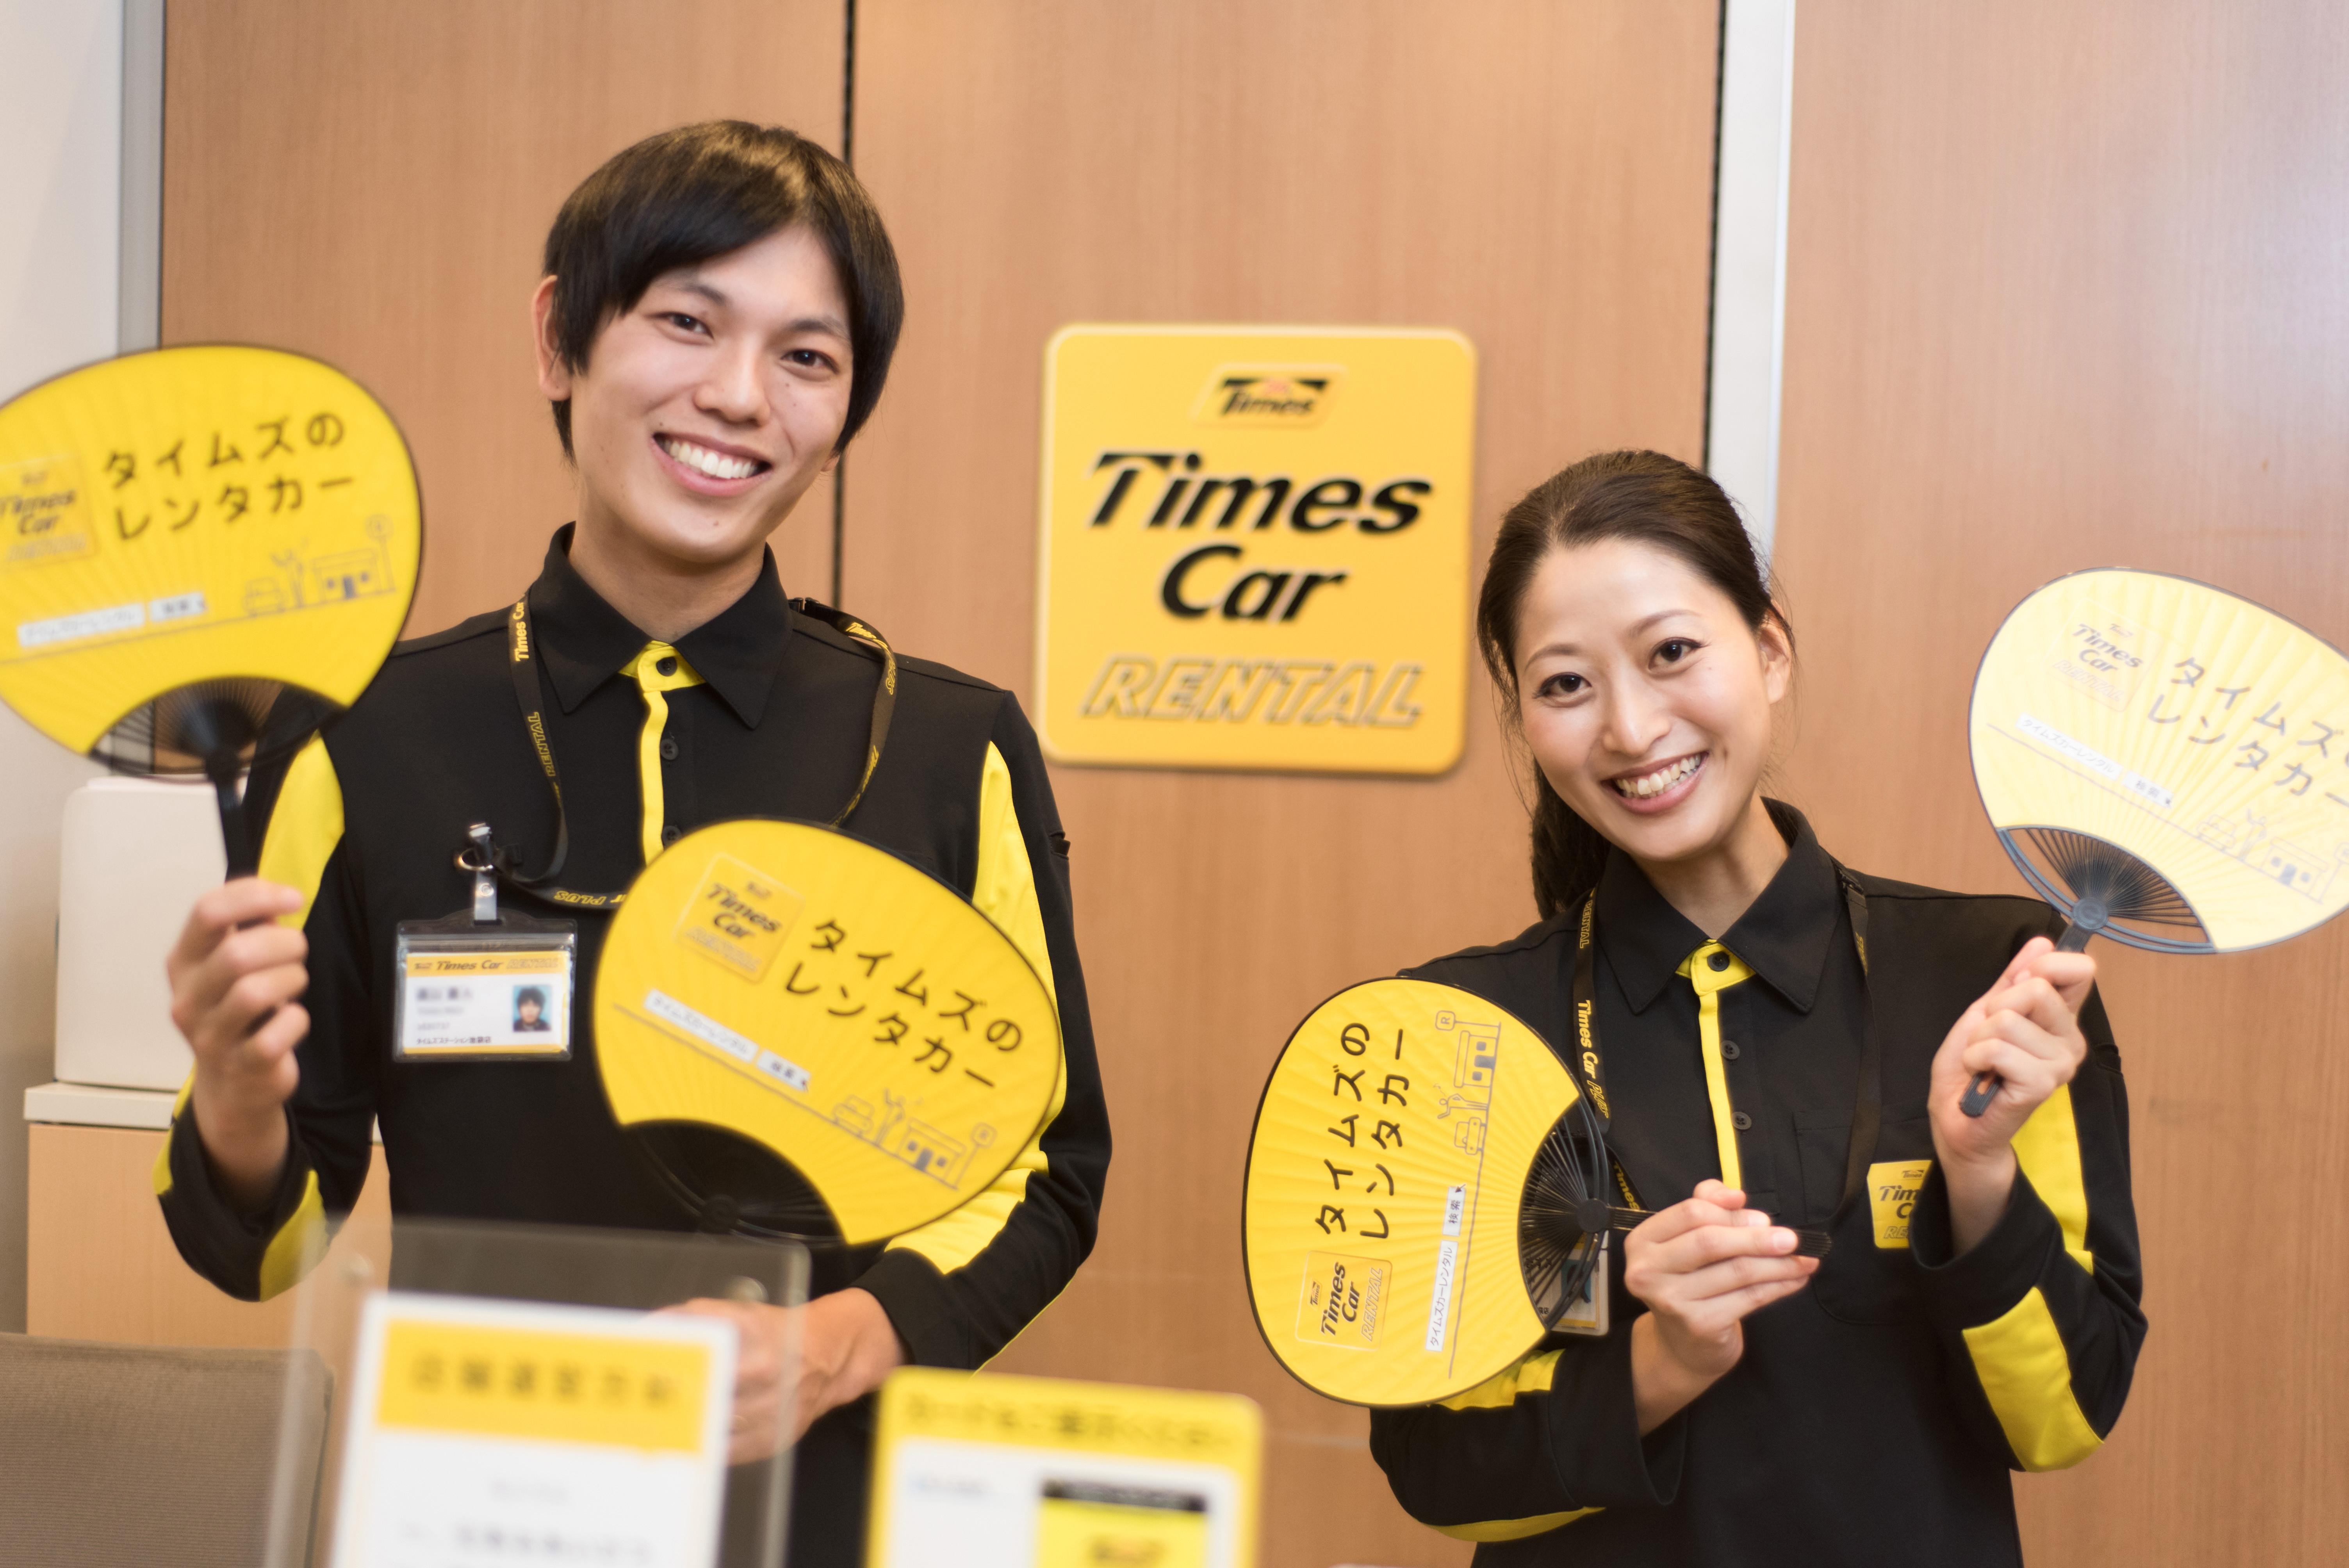 タイムズカーレンタル 米子駅前店 のアルバイト情報